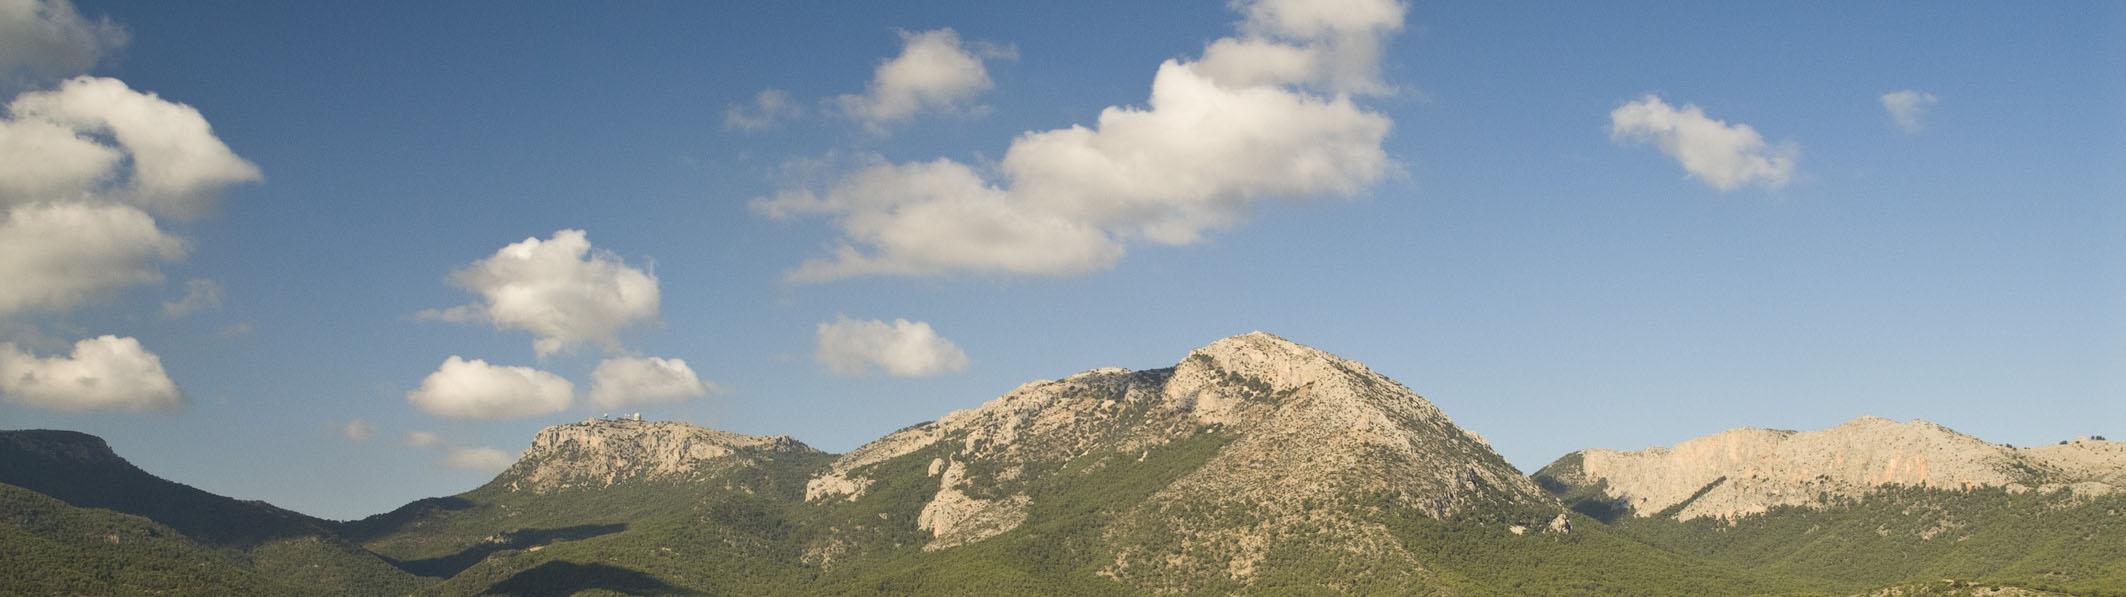 vista panorámica montaña del parque natural sierra espuña